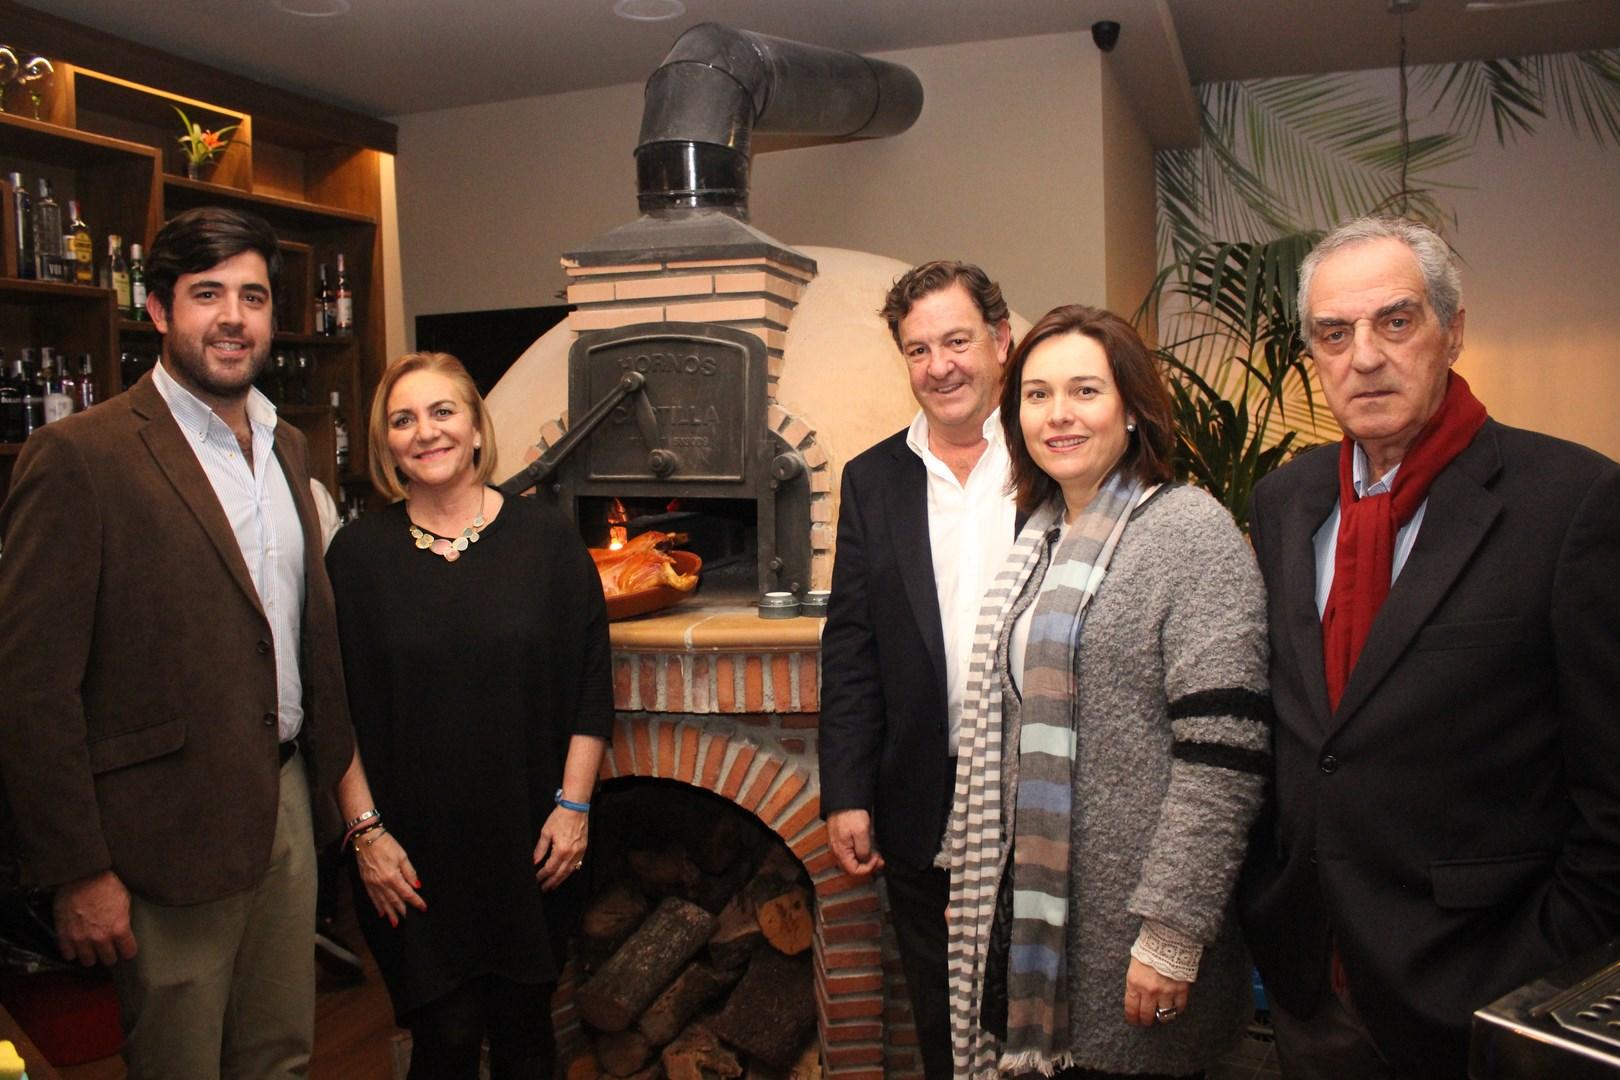 1 Jorge Berzosa, Leonor García Agua, Ramón Berzosa, María del Mar Martín Rojo y Luis Merino